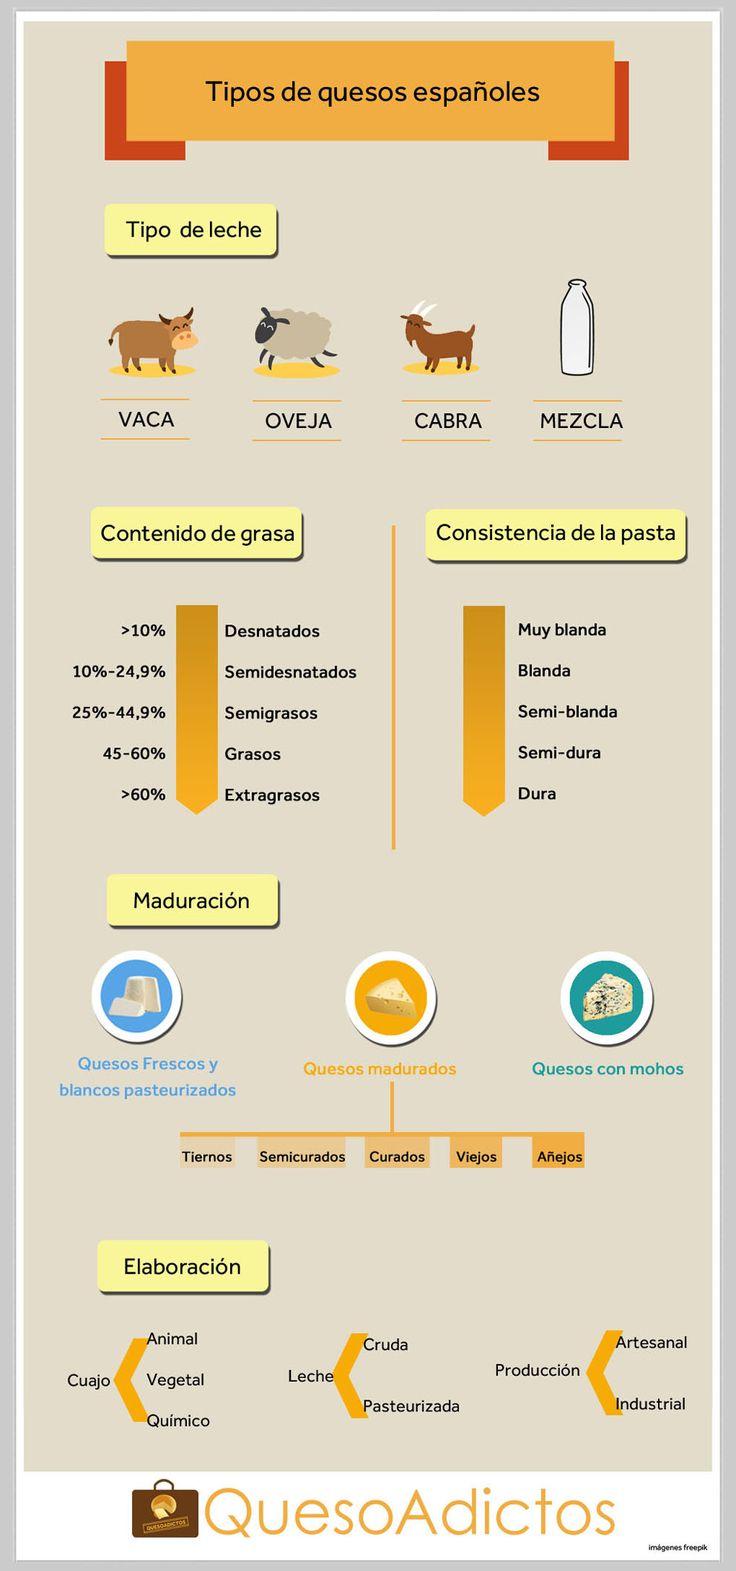 Tipos de quesos españoles que puedes encontrar